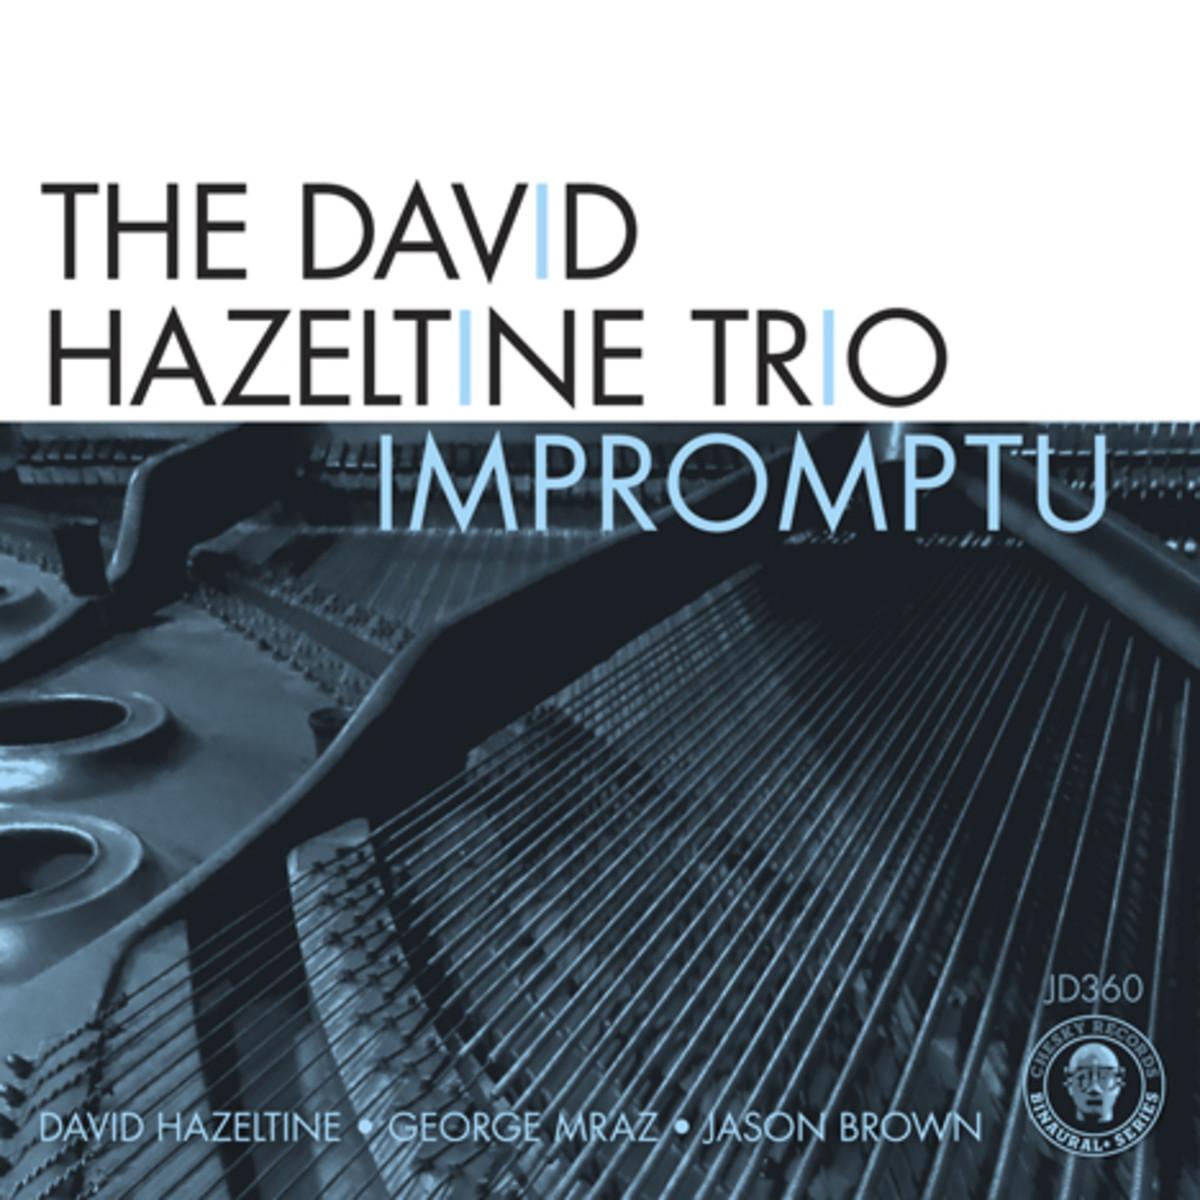 David Hazeltine Trio Impromptu